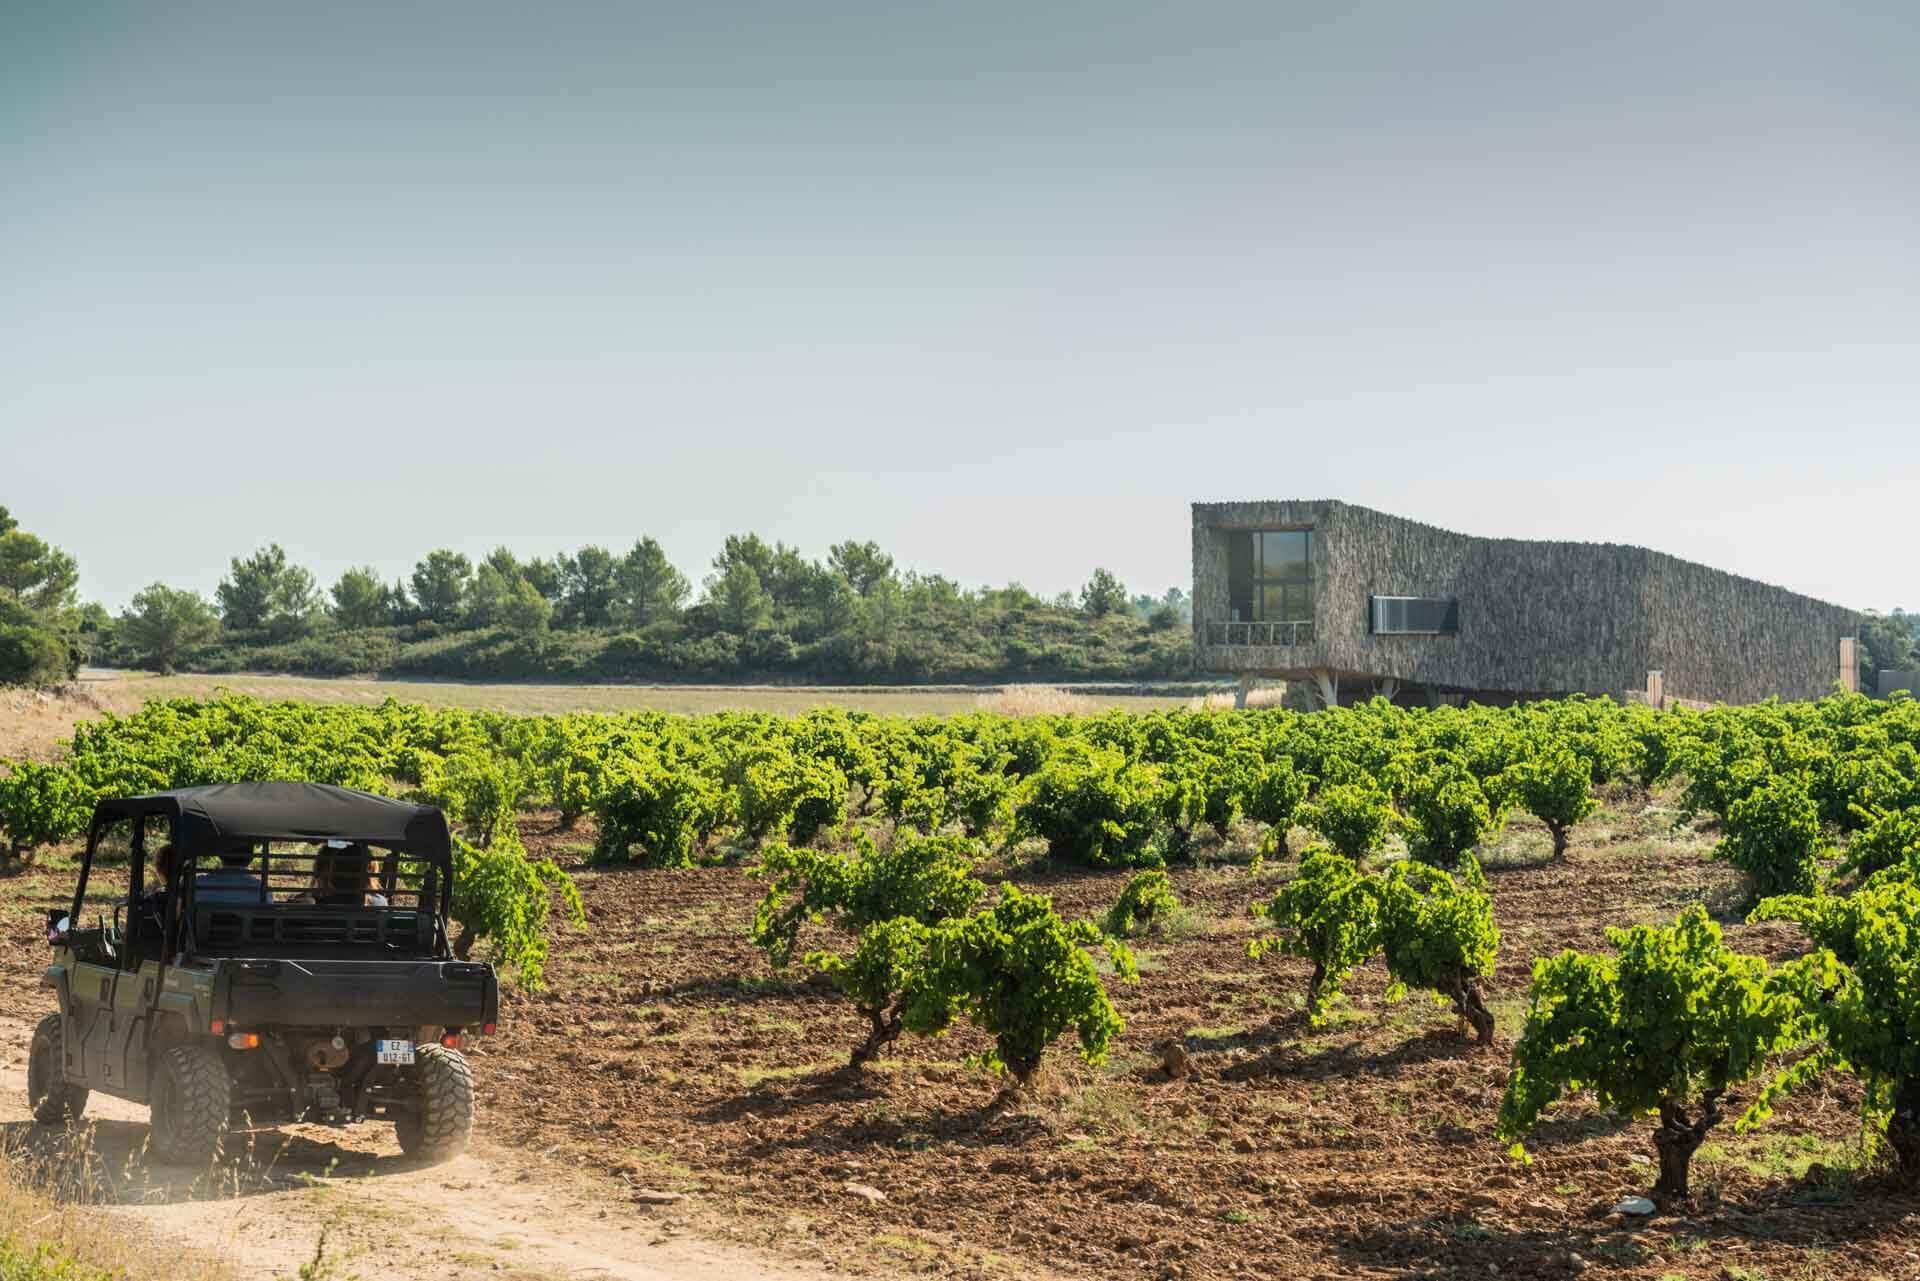 Le domaine de Castigno produit également du vin dans un chai d'architecte © DR